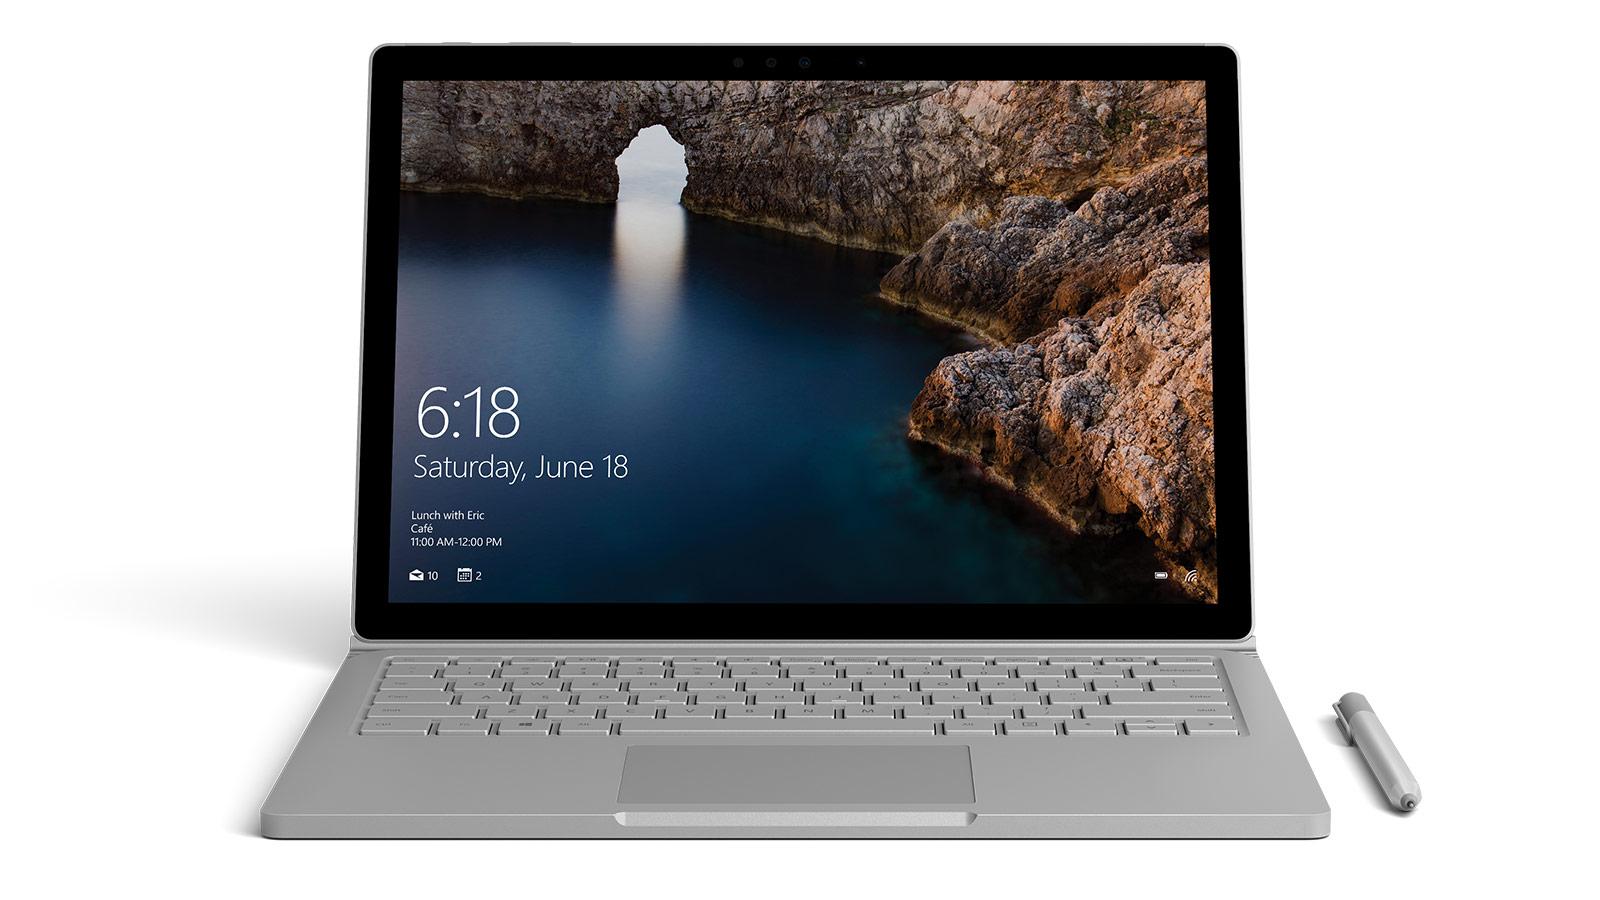 Surface Book visas framifrån med en bild på ett isberg som öppnats i Photoshop